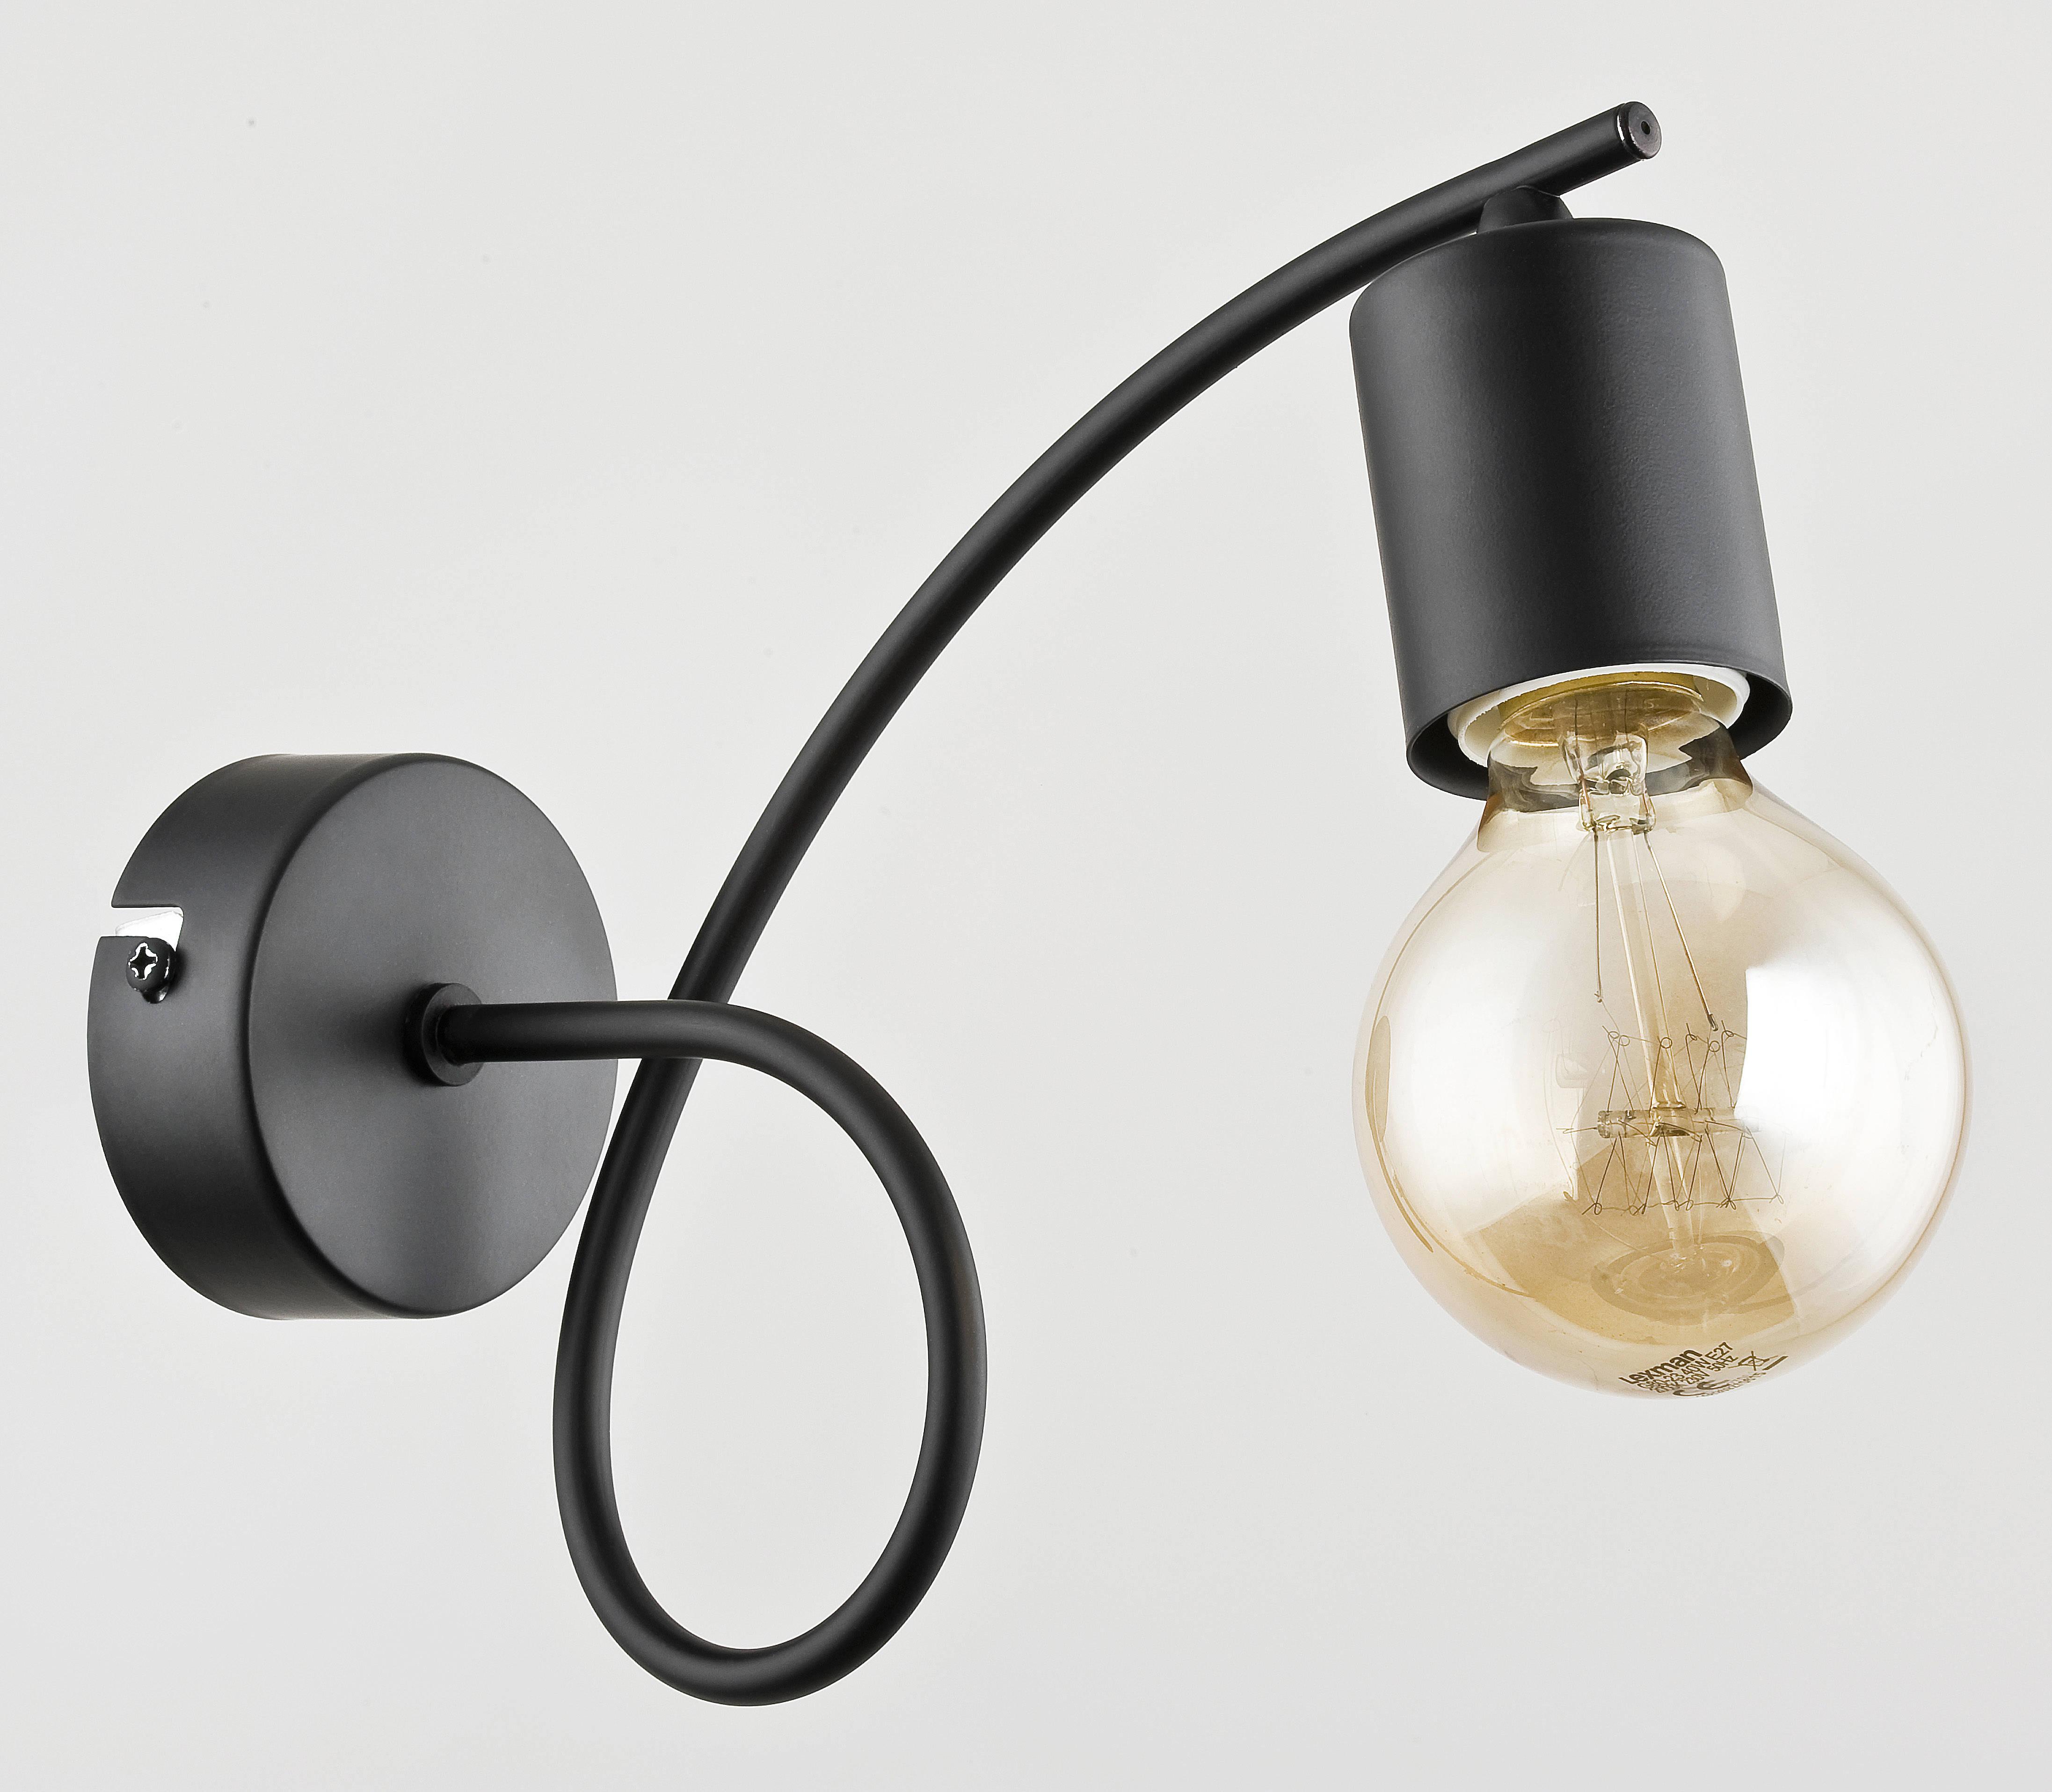 светильники настенные купить в интернет